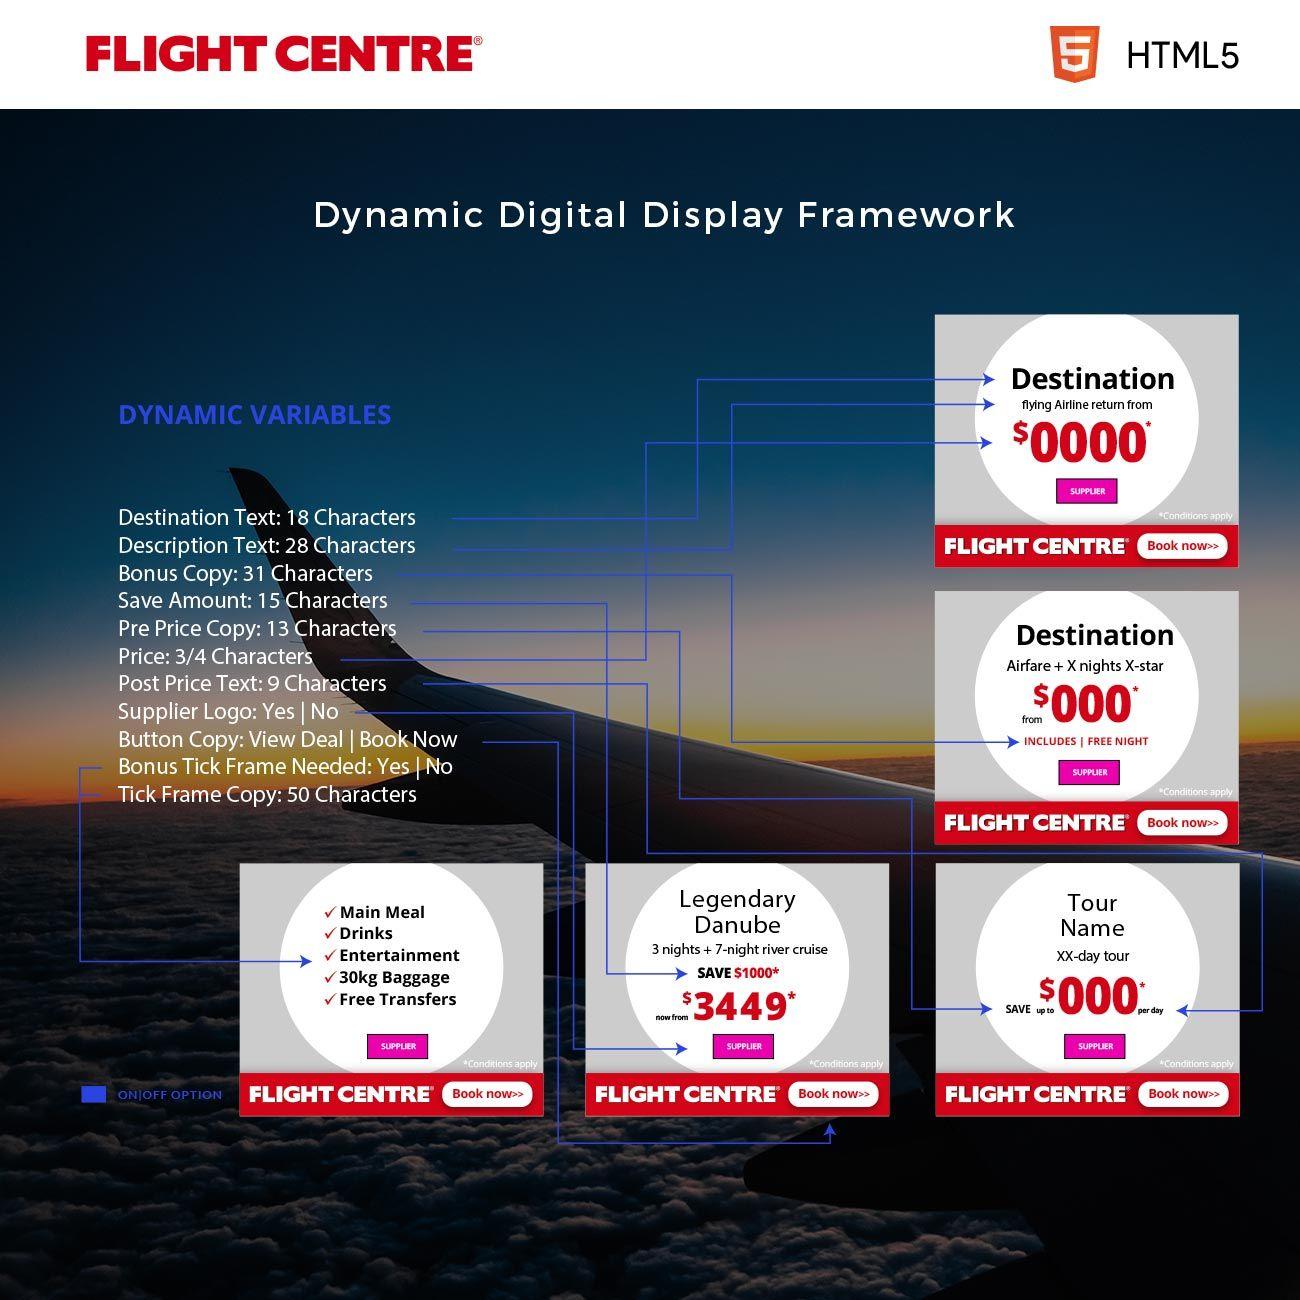 Flight Centre Travel HTML5 Digital Display Advertising